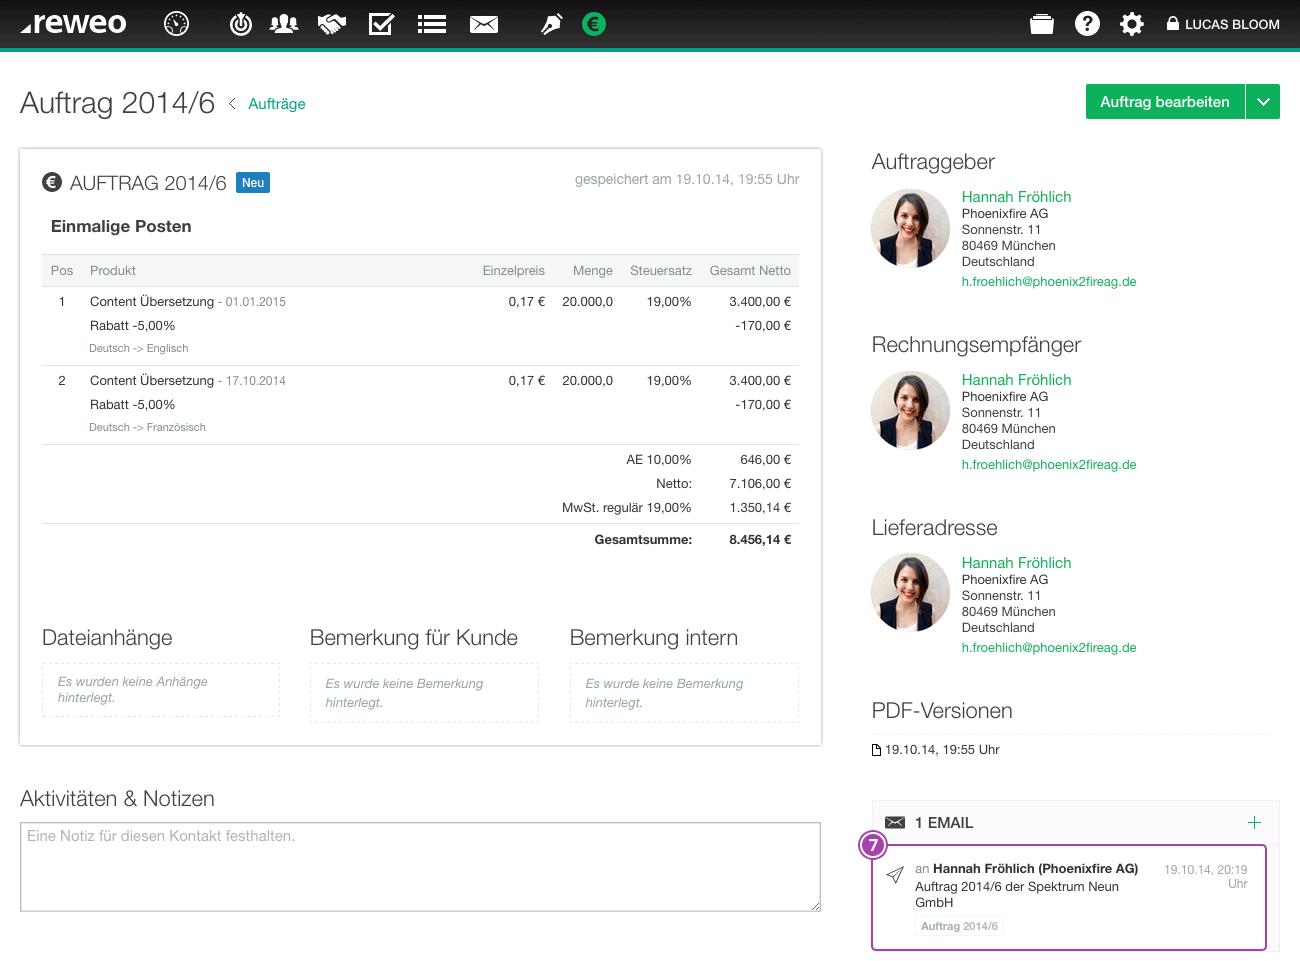 Auftrag Email versendet